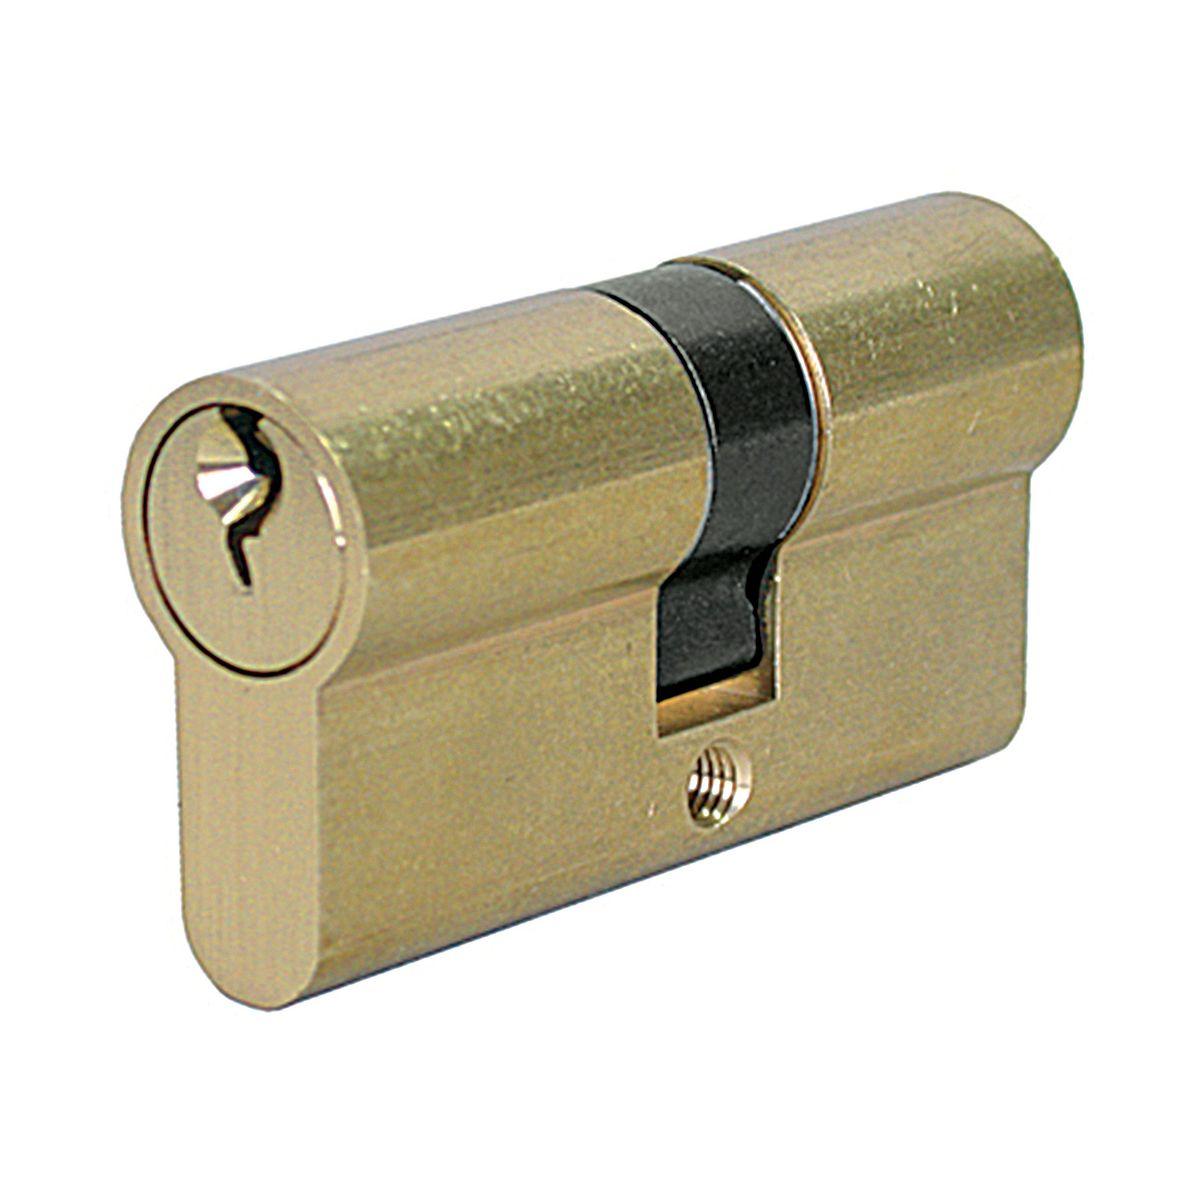 Serratura cisa per porta blindata affordable serratura for Serrature mottura leroy merlin